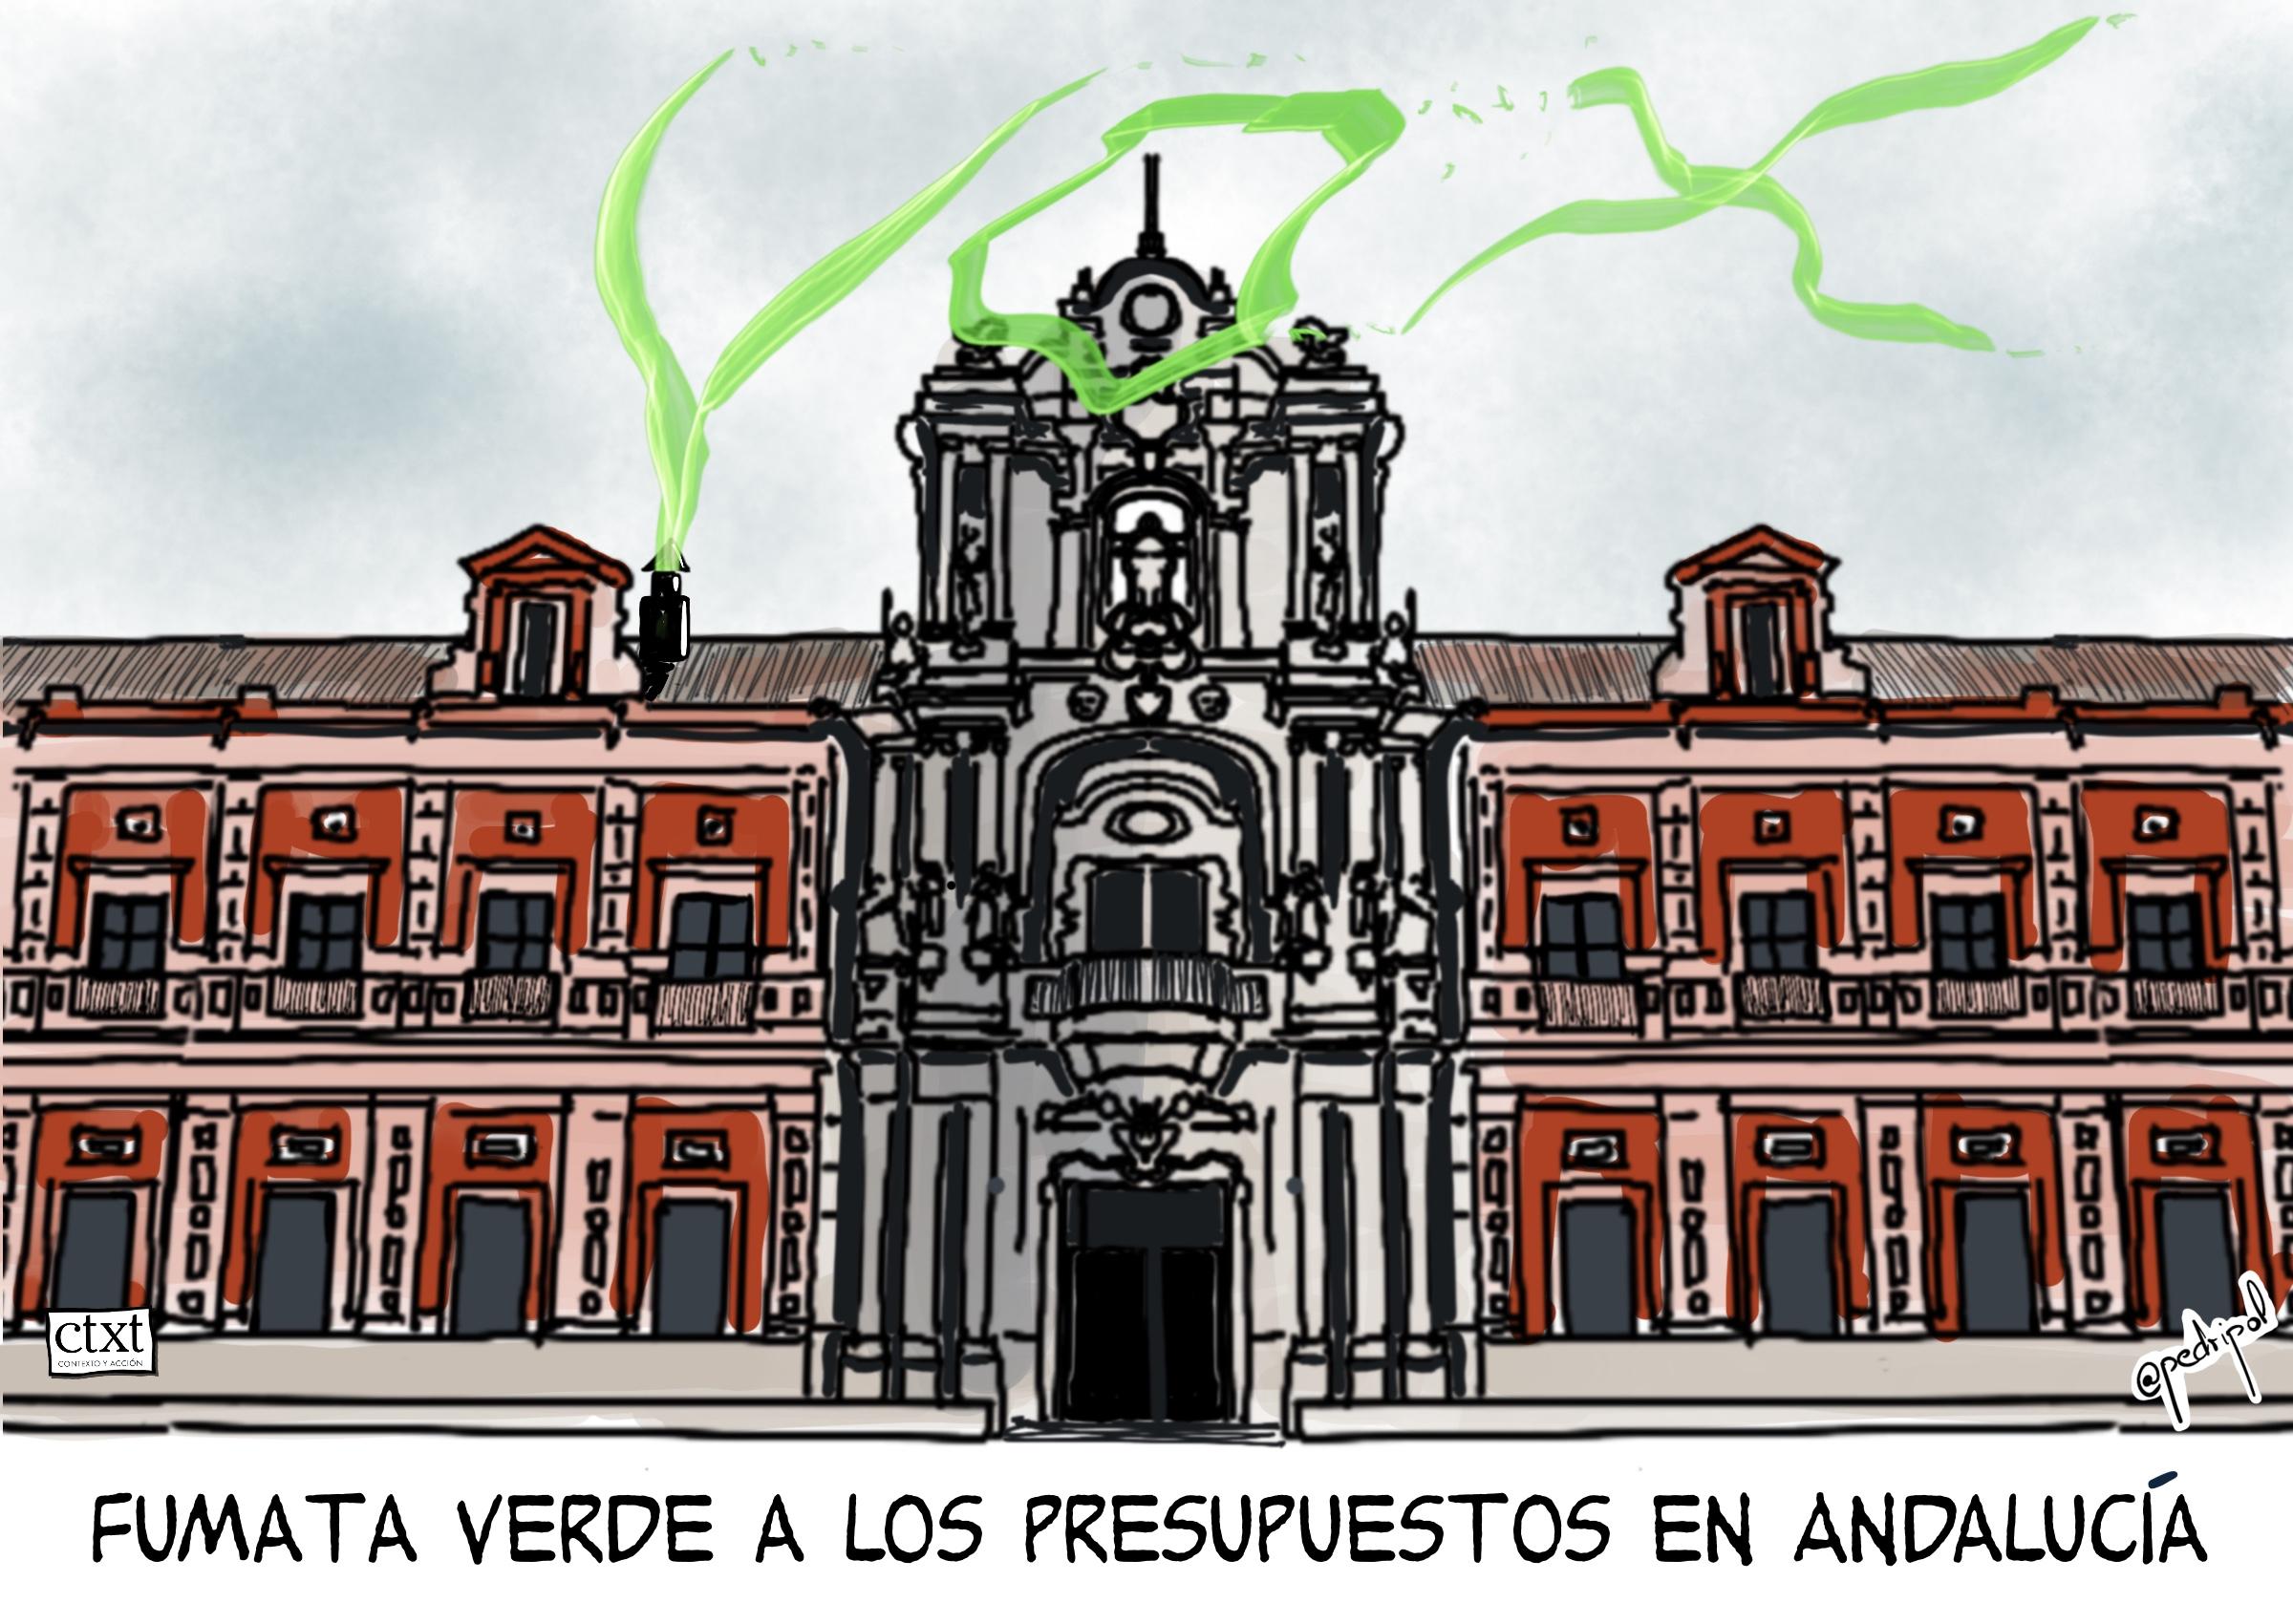 <p>Andalucía, extrema derecha, presupuestos</p>